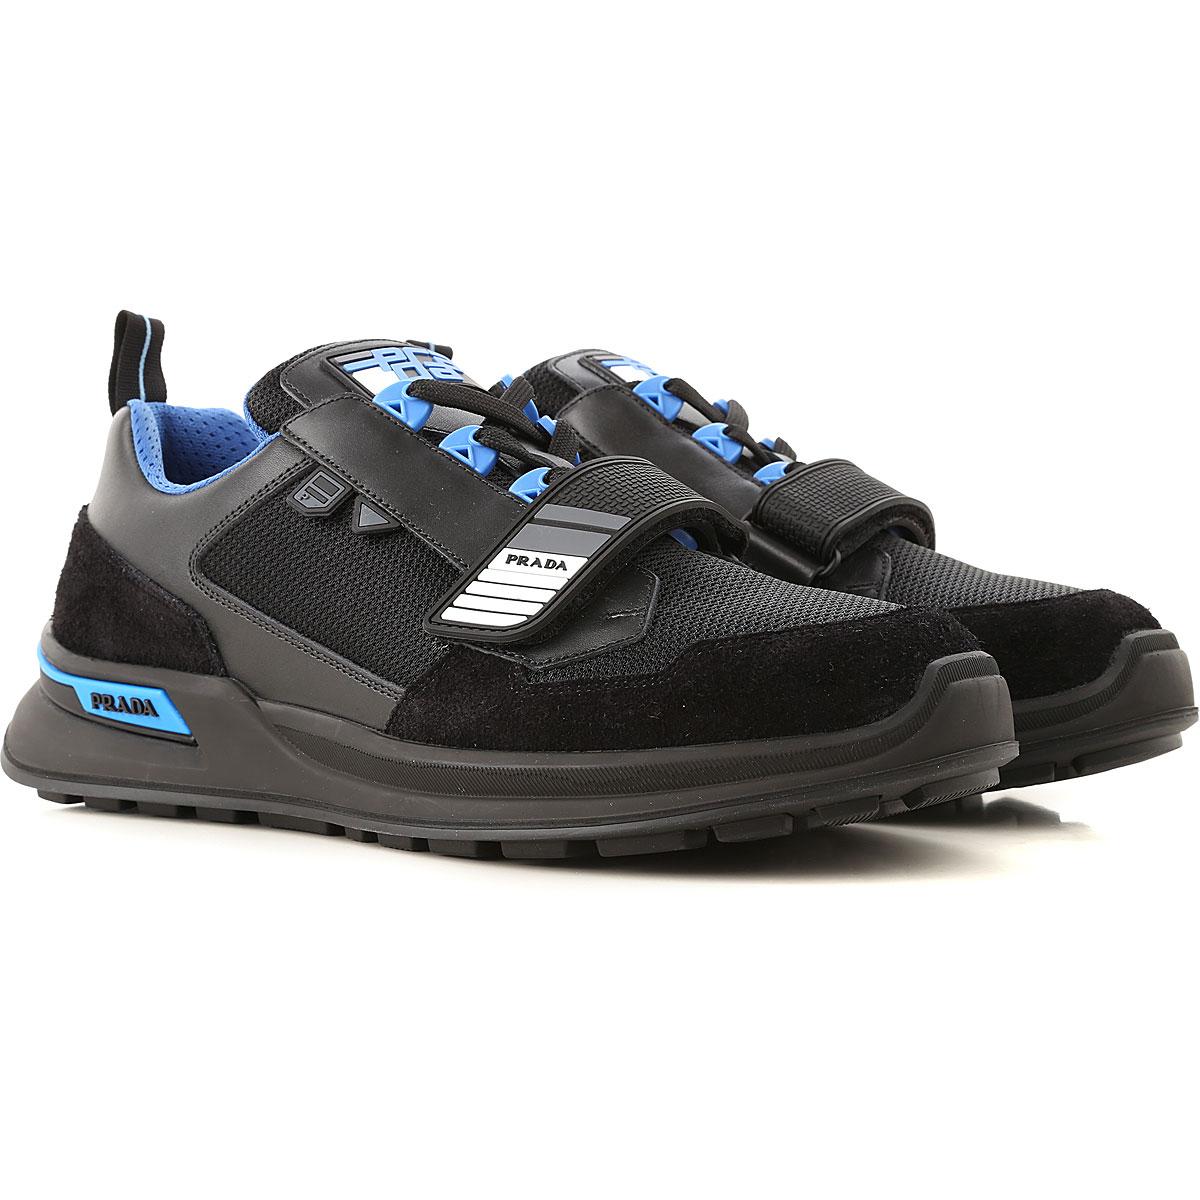 Prada Sneaker Homme Pas cher en Soldes Outlet, Noir, Cuir, 2019, 8 9.5